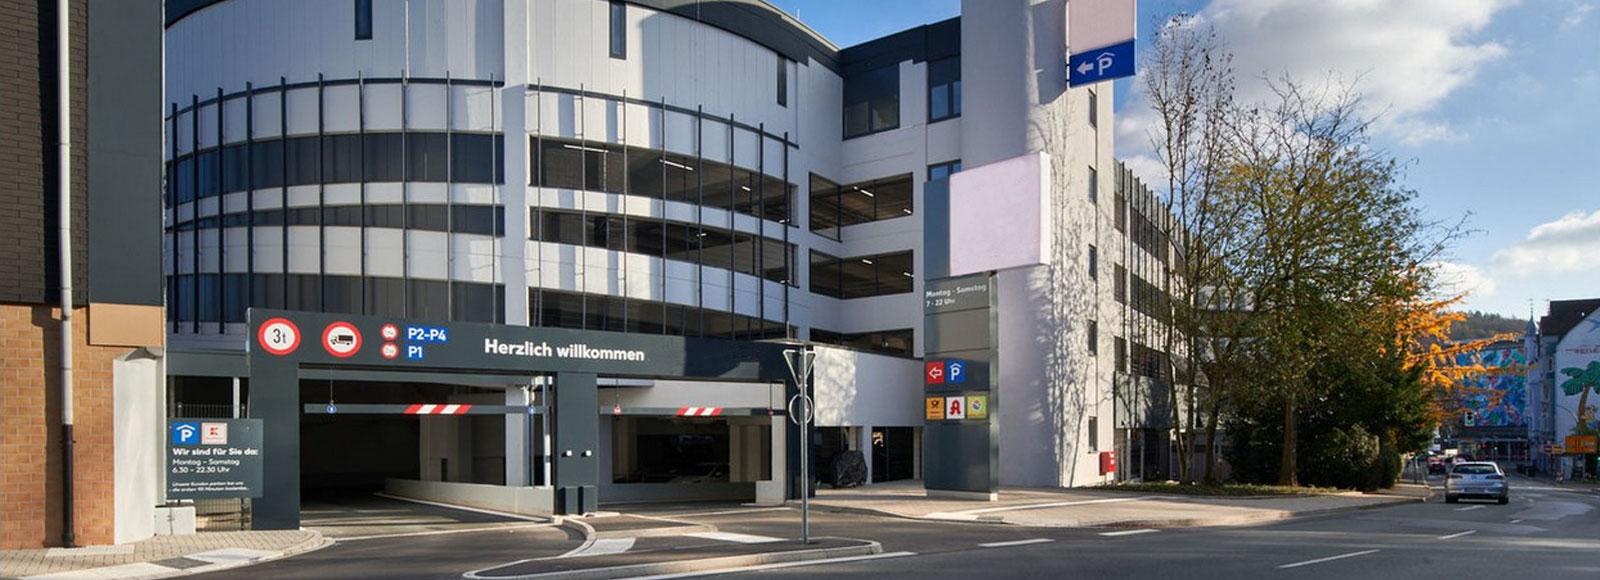 Einkaufszentrum Gevelsberg